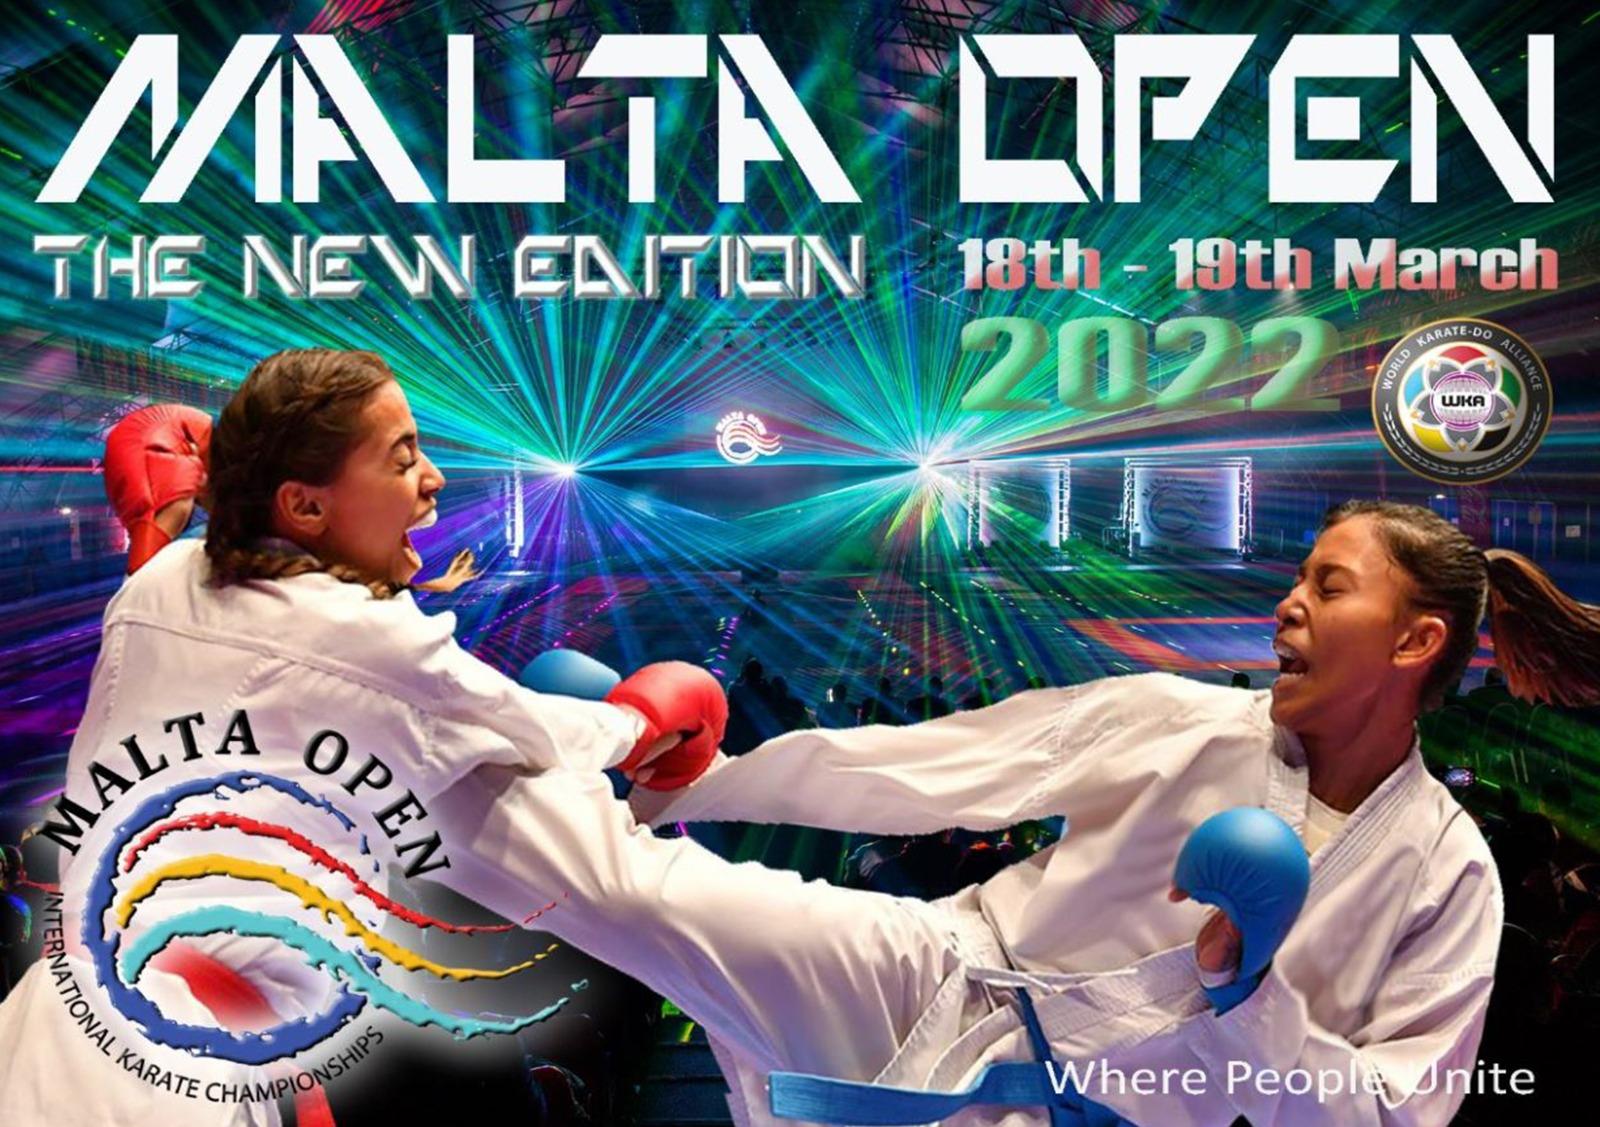 Malta Open 2022